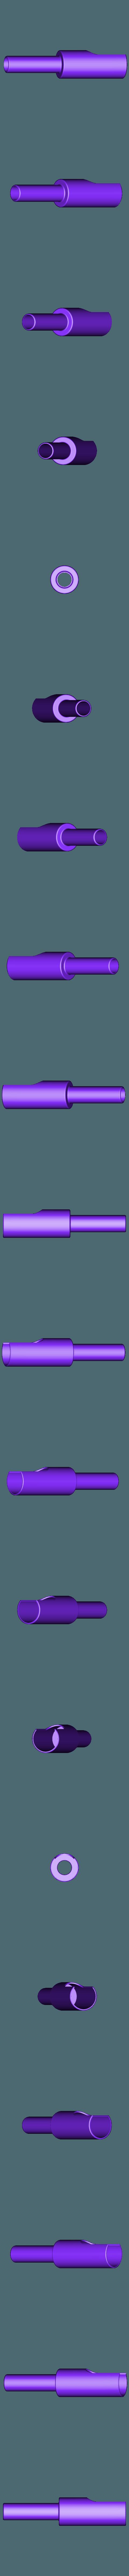 tubo agua caravana.stl Télécharger fichier STL gratuit caravane - conduite d'eau • Objet à imprimer en 3D, Juntosporlaimpresion3D